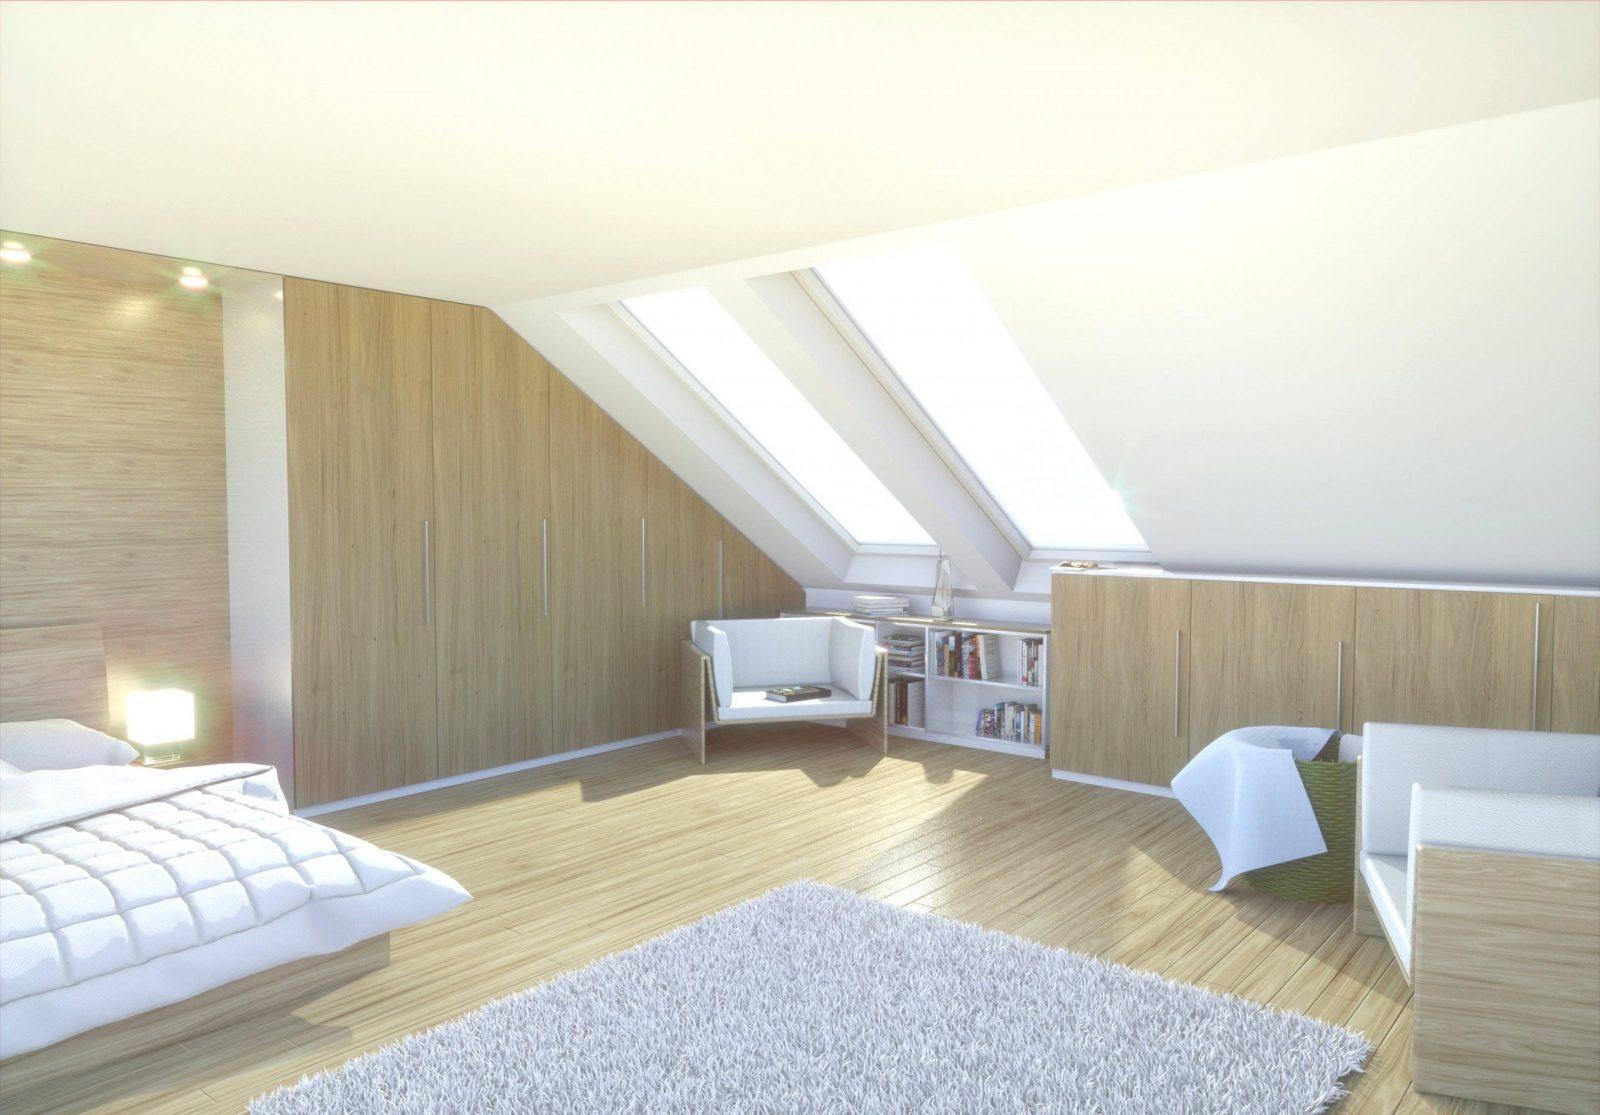 beste deko schr ge wand galerie hauptinnenideen kakados von deko f r schr ge w nde bild haus. Black Bedroom Furniture Sets. Home Design Ideas